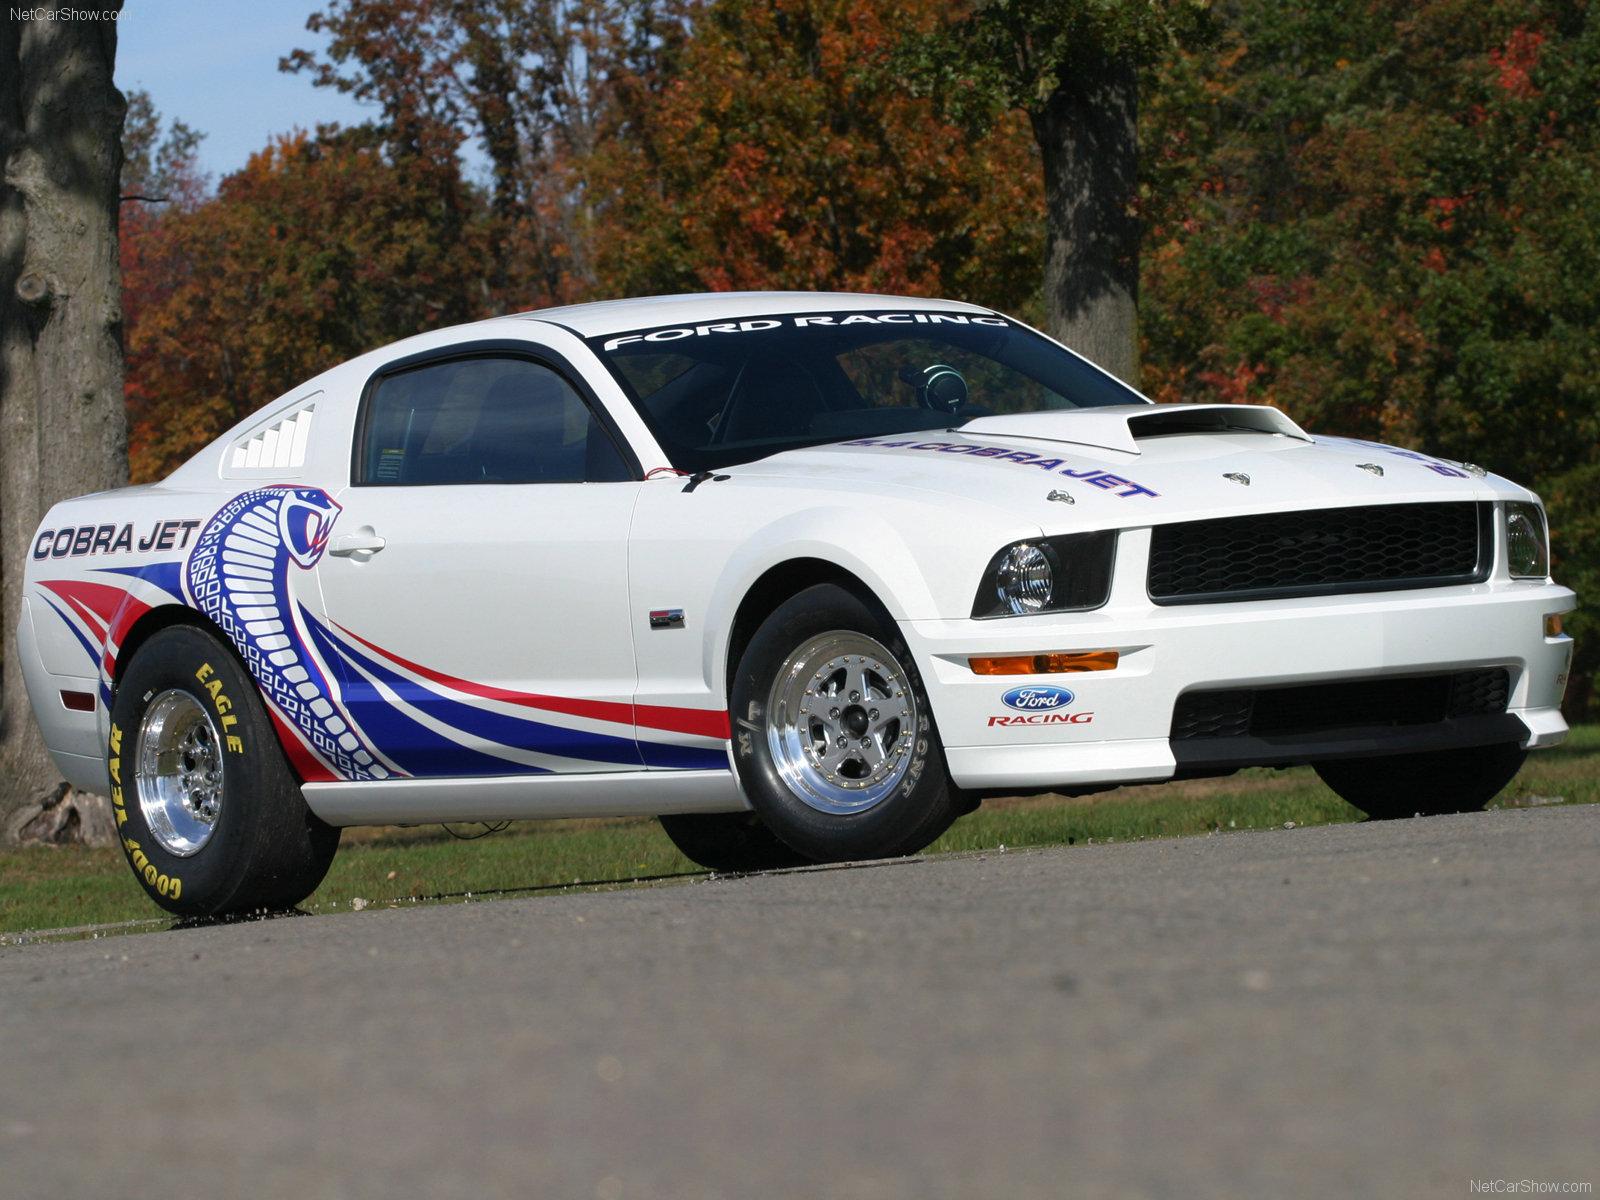 http://4.bp.blogspot.com/-rCgAoJAceug/TsZnGe4YA_I/AAAAAAAAV8o/jfhp2p9ifqs/s1600/Ford+Mustang+HD+Wallpaper.jpg